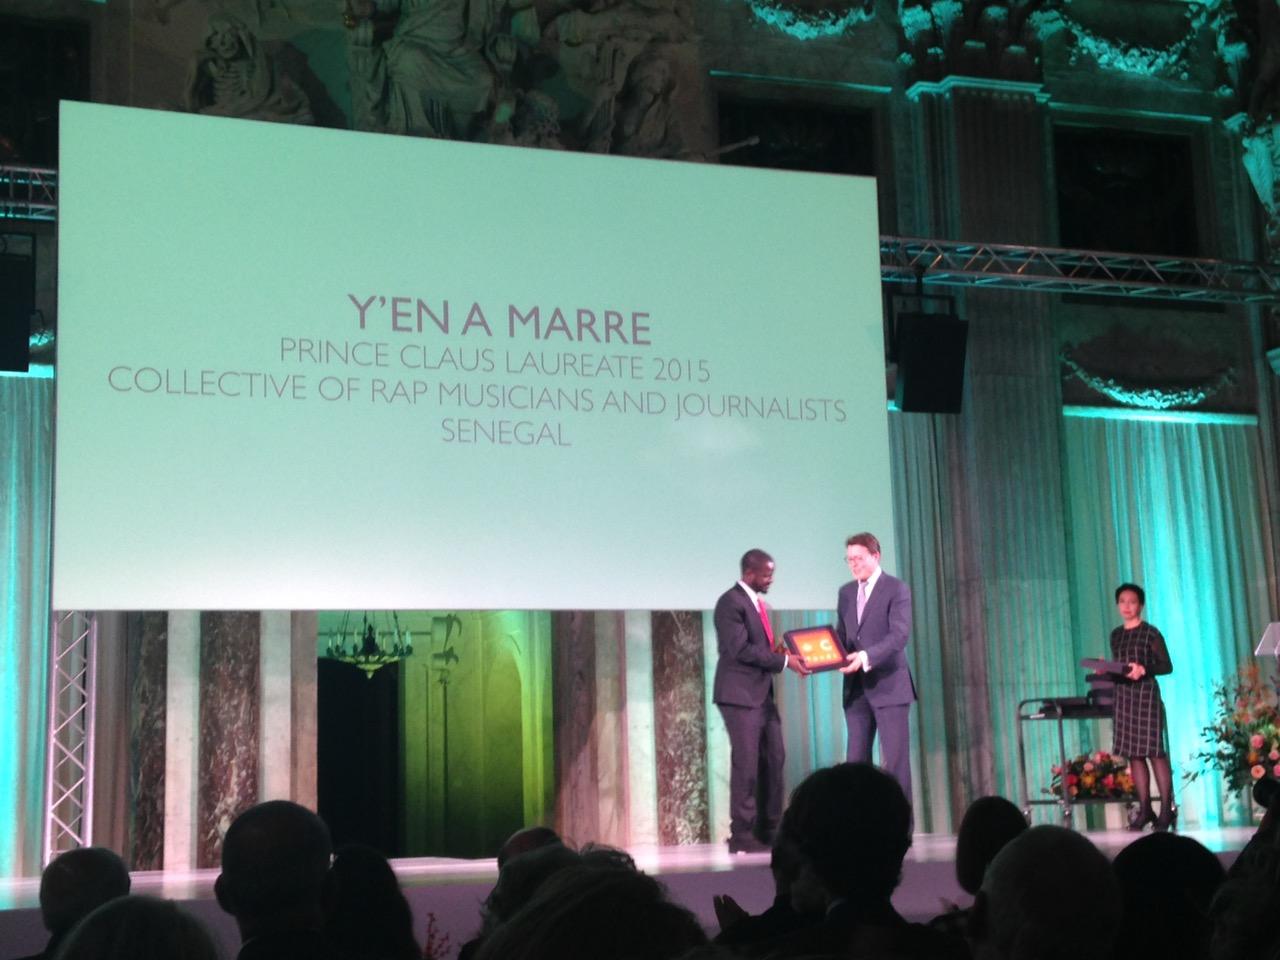 Prix Prince Claus : « Y en a Marre » récompensé pour sa préservation de la démocratie et sa contribution citoyenne